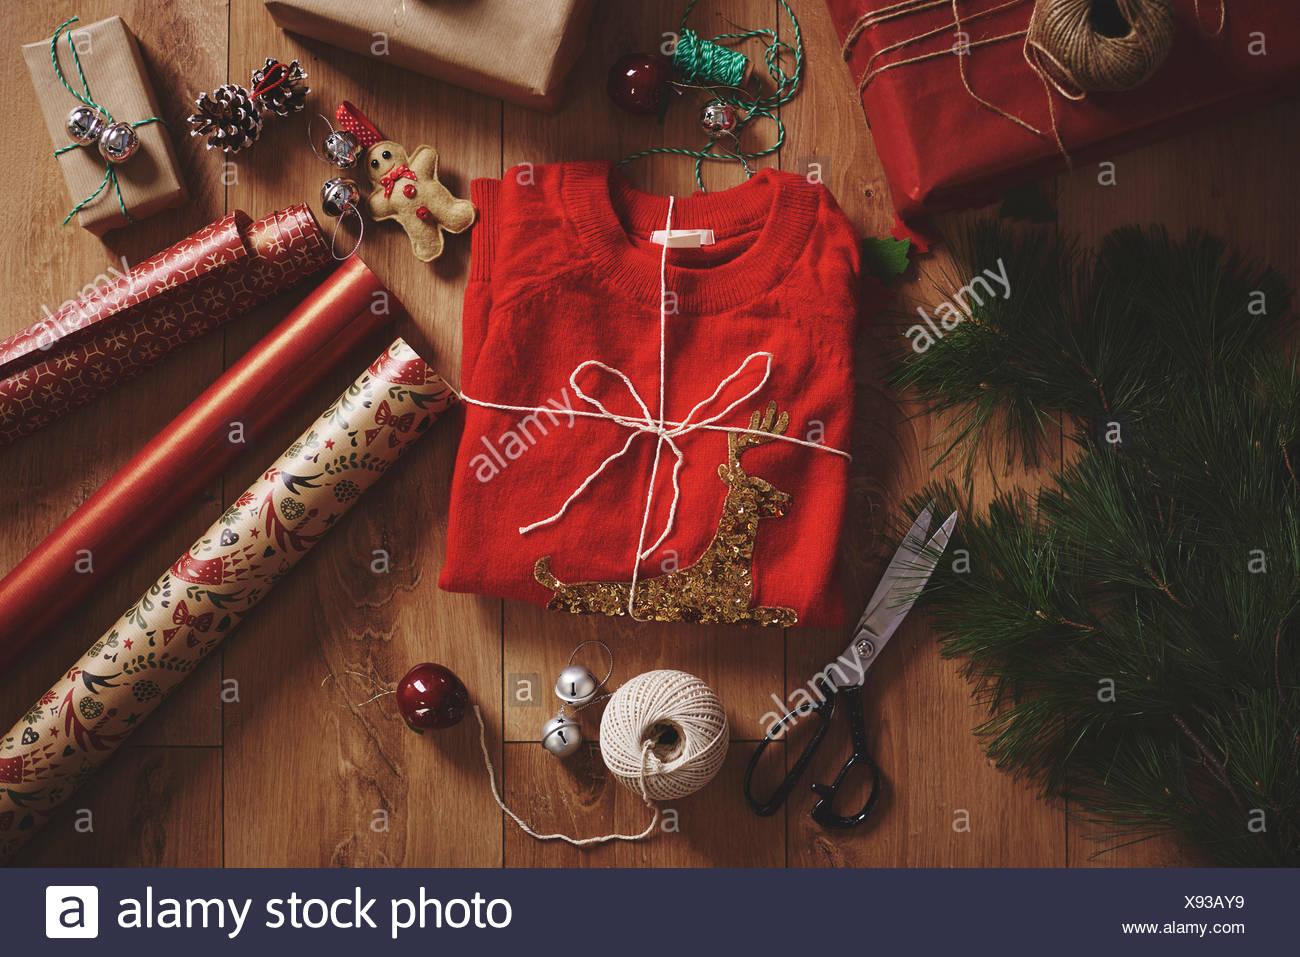 Vista aérea de regalo de navidad y papel de embalaje Imagen De Stock